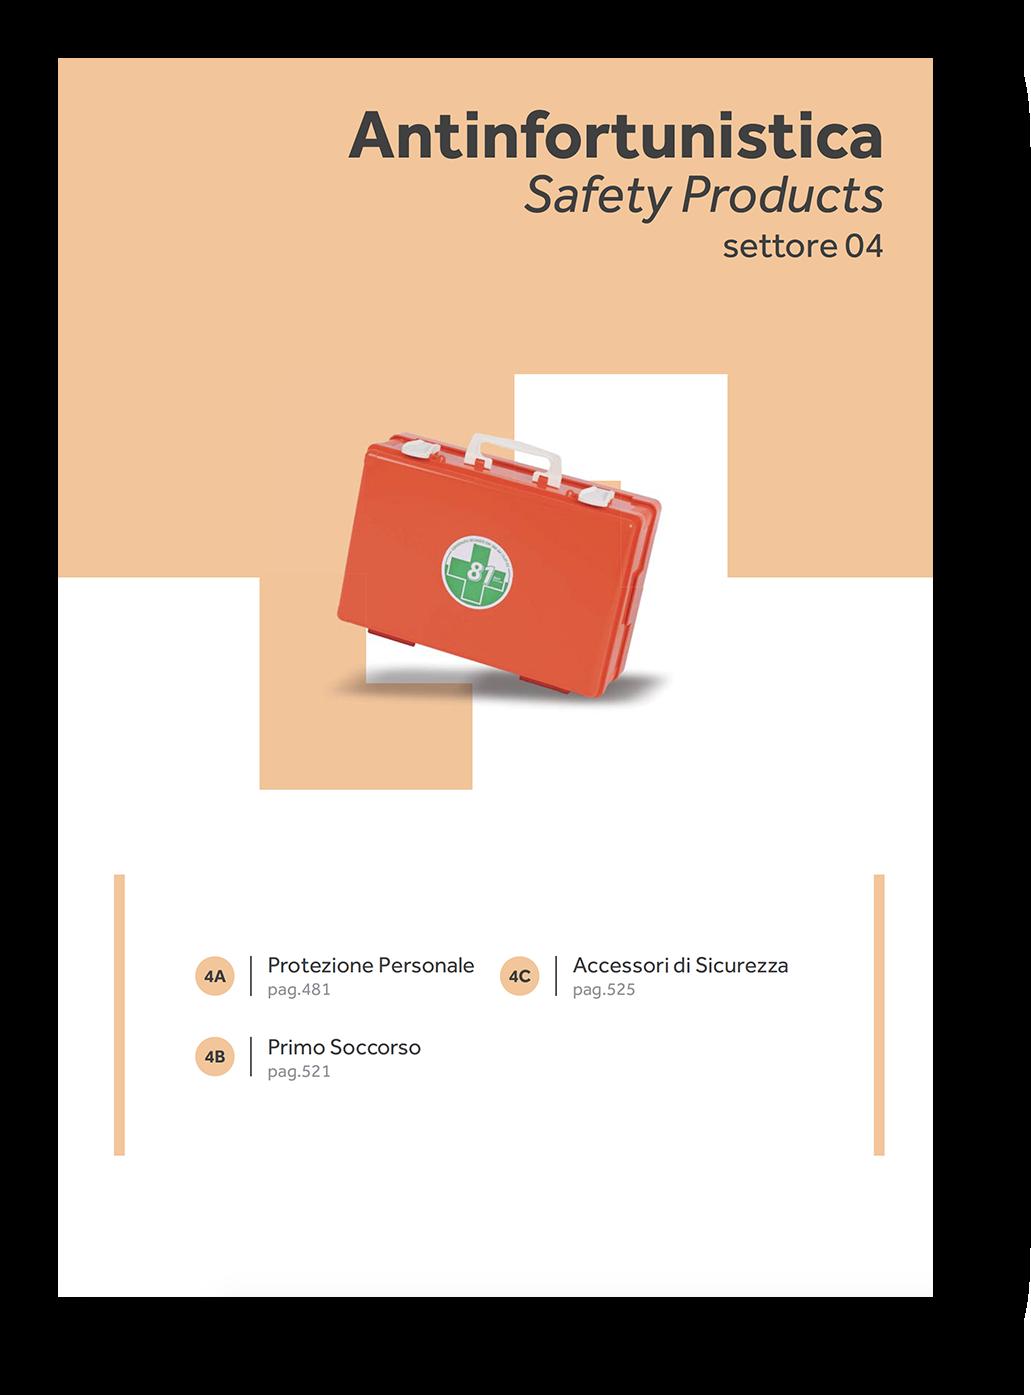 primo soccorso sicurezza protezione personale catalogo